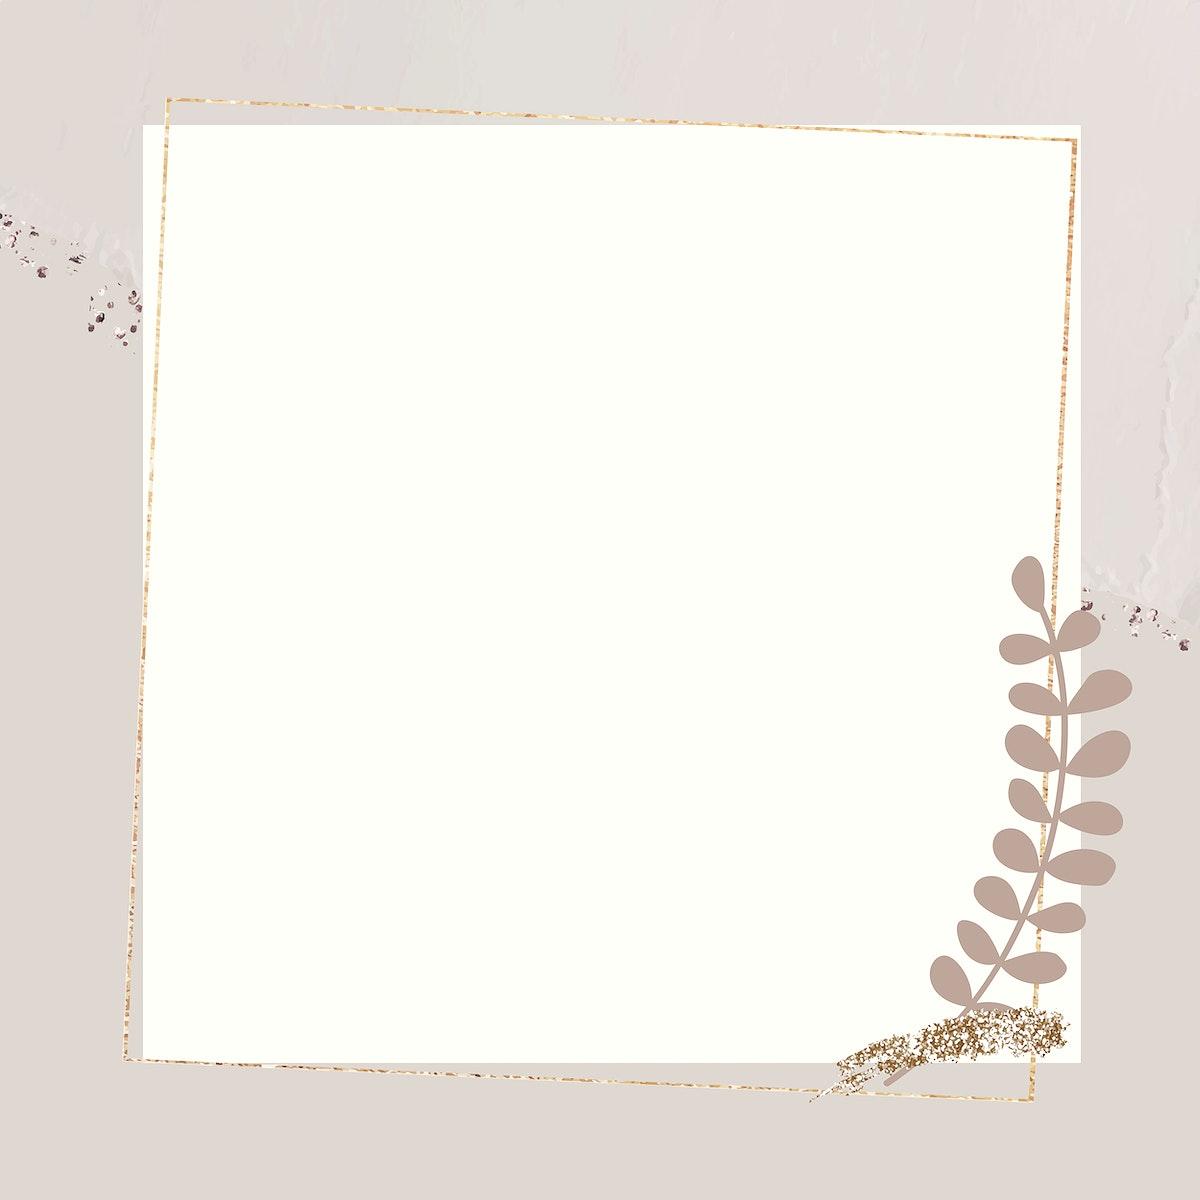 Leafy gold frame on beige background vector